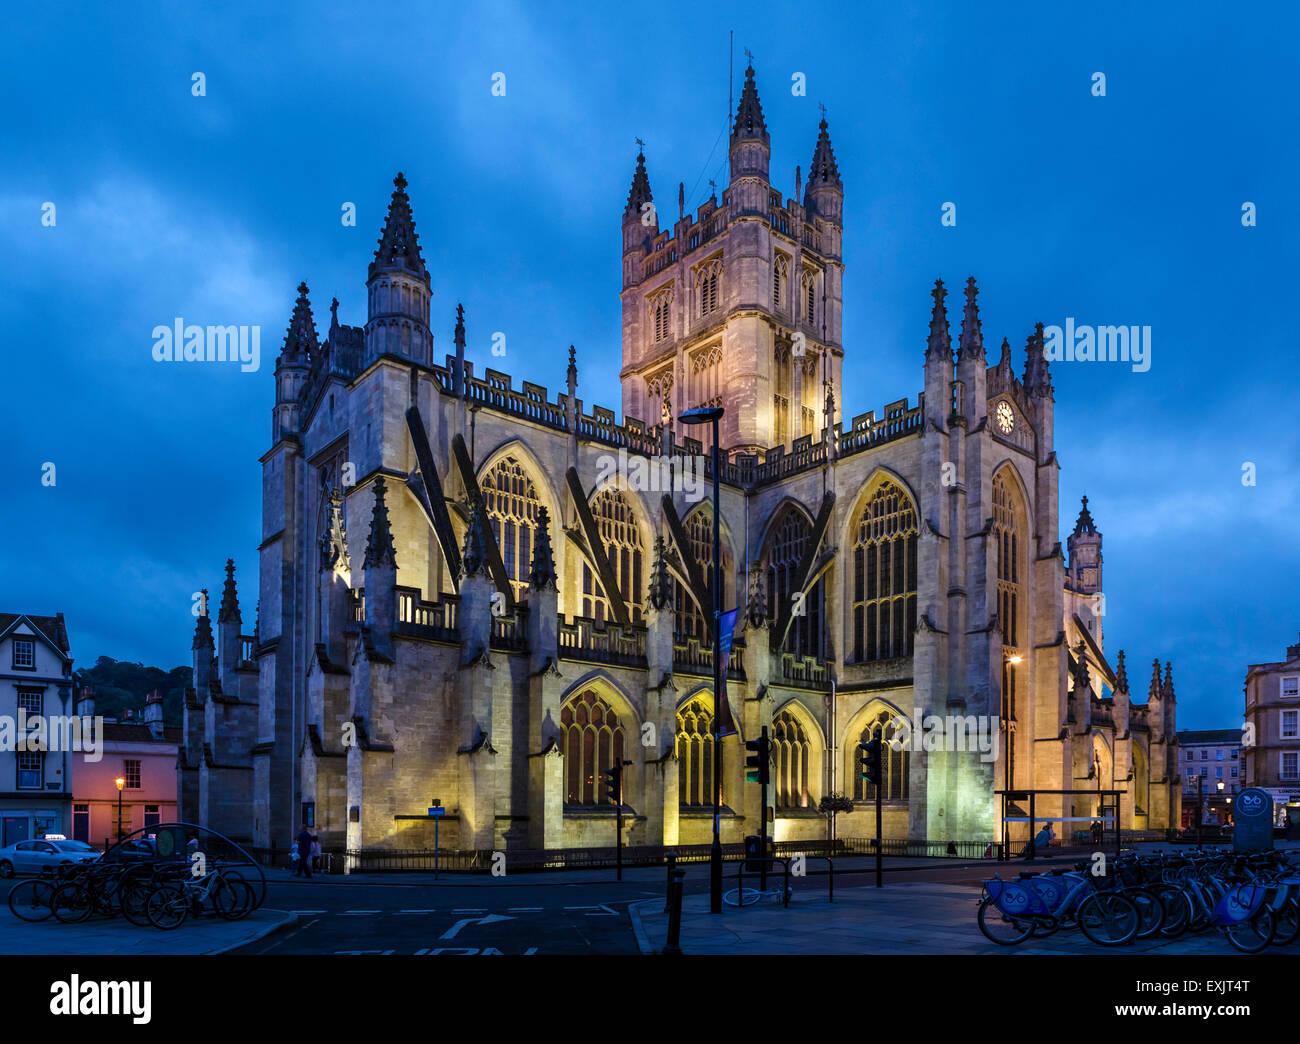 Die Nordfassade des Bath Abbey bei Nacht, Bath, Somerset, England, UK Stockbild